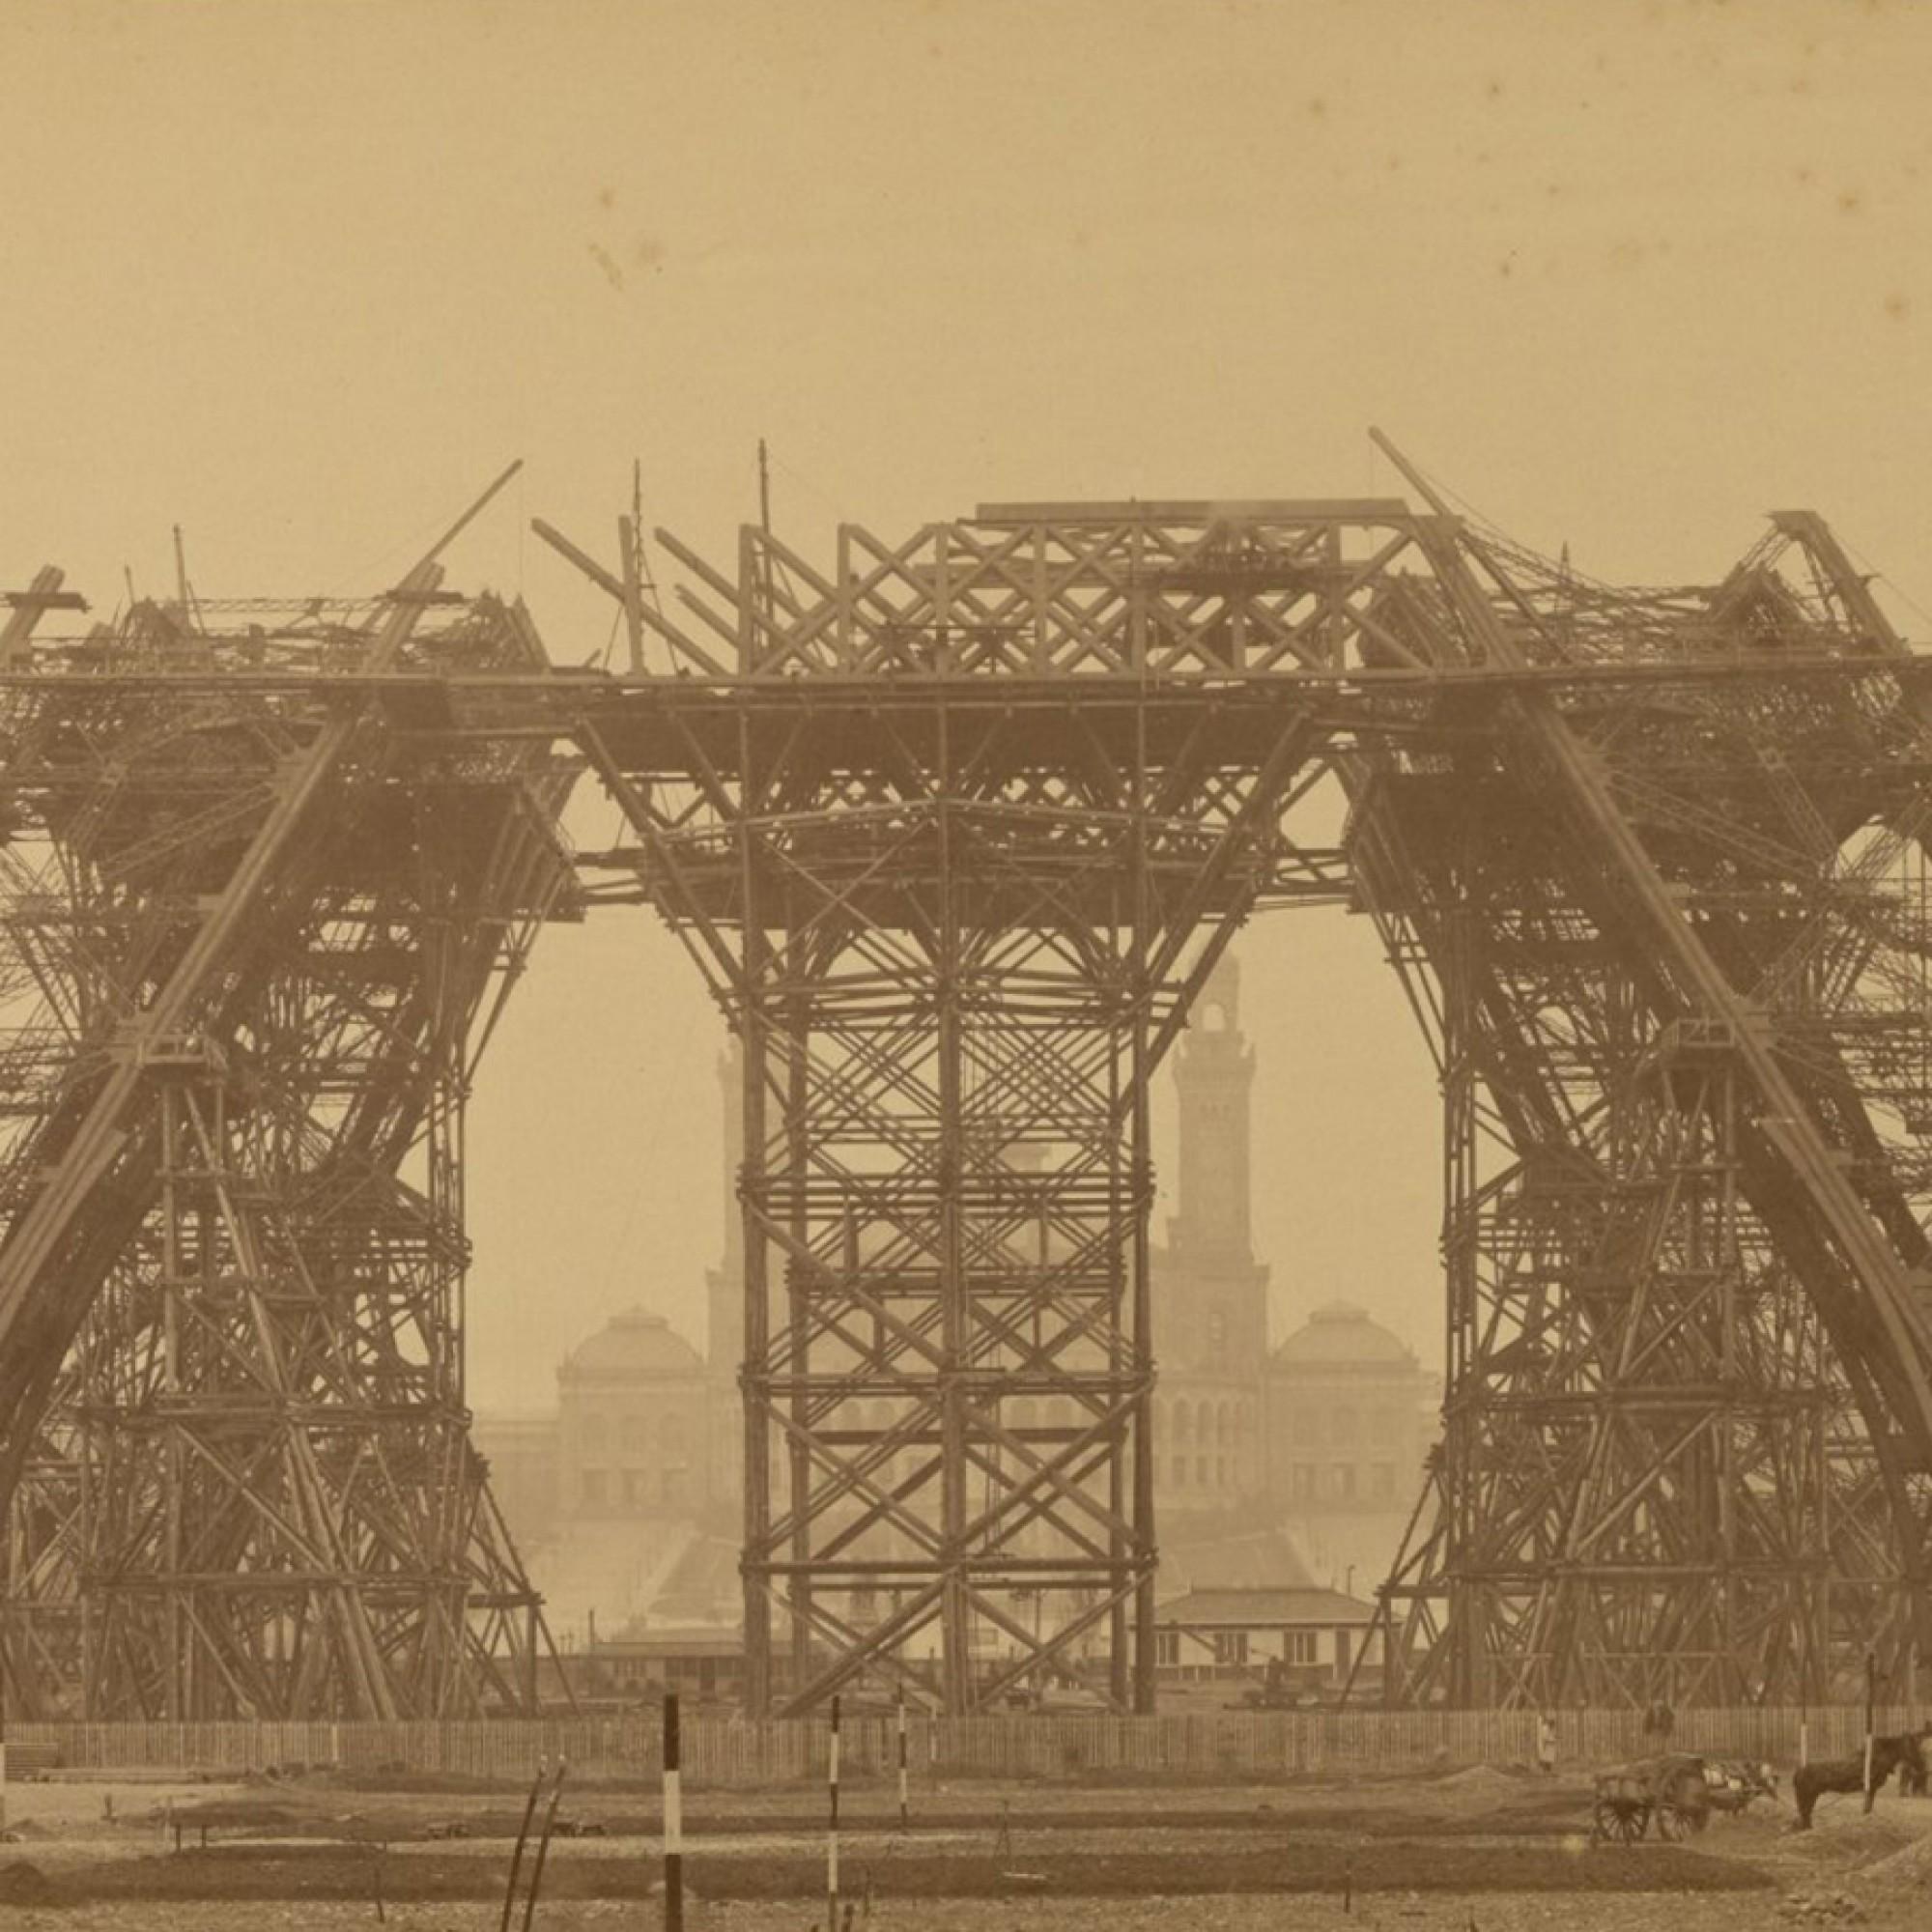 Ein Bild von Louis-Émile Durandelle: Es zeigt den Bau des Eiffelturms im Januar 1888. In dieser Aufnahme erreichte der Turm gerade seine erste Ebene.